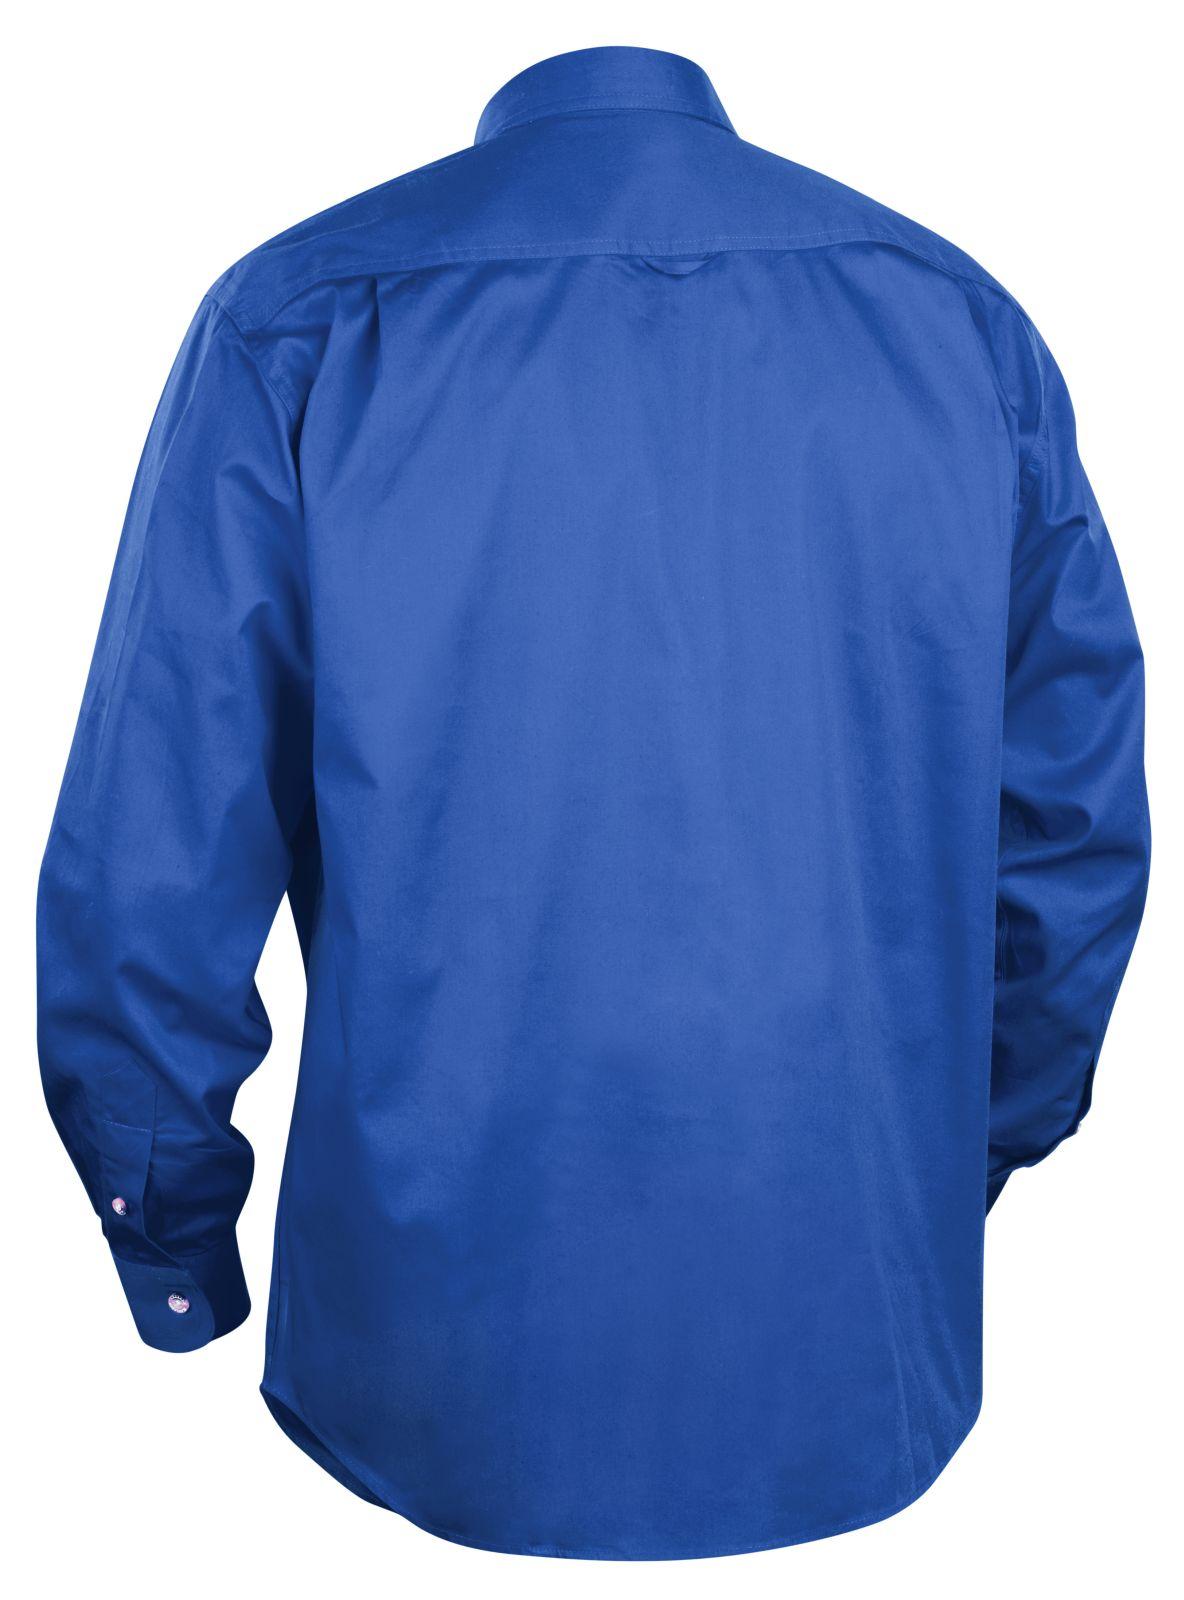 Blaklader Overhemden 32301135 korenblauw(8500)